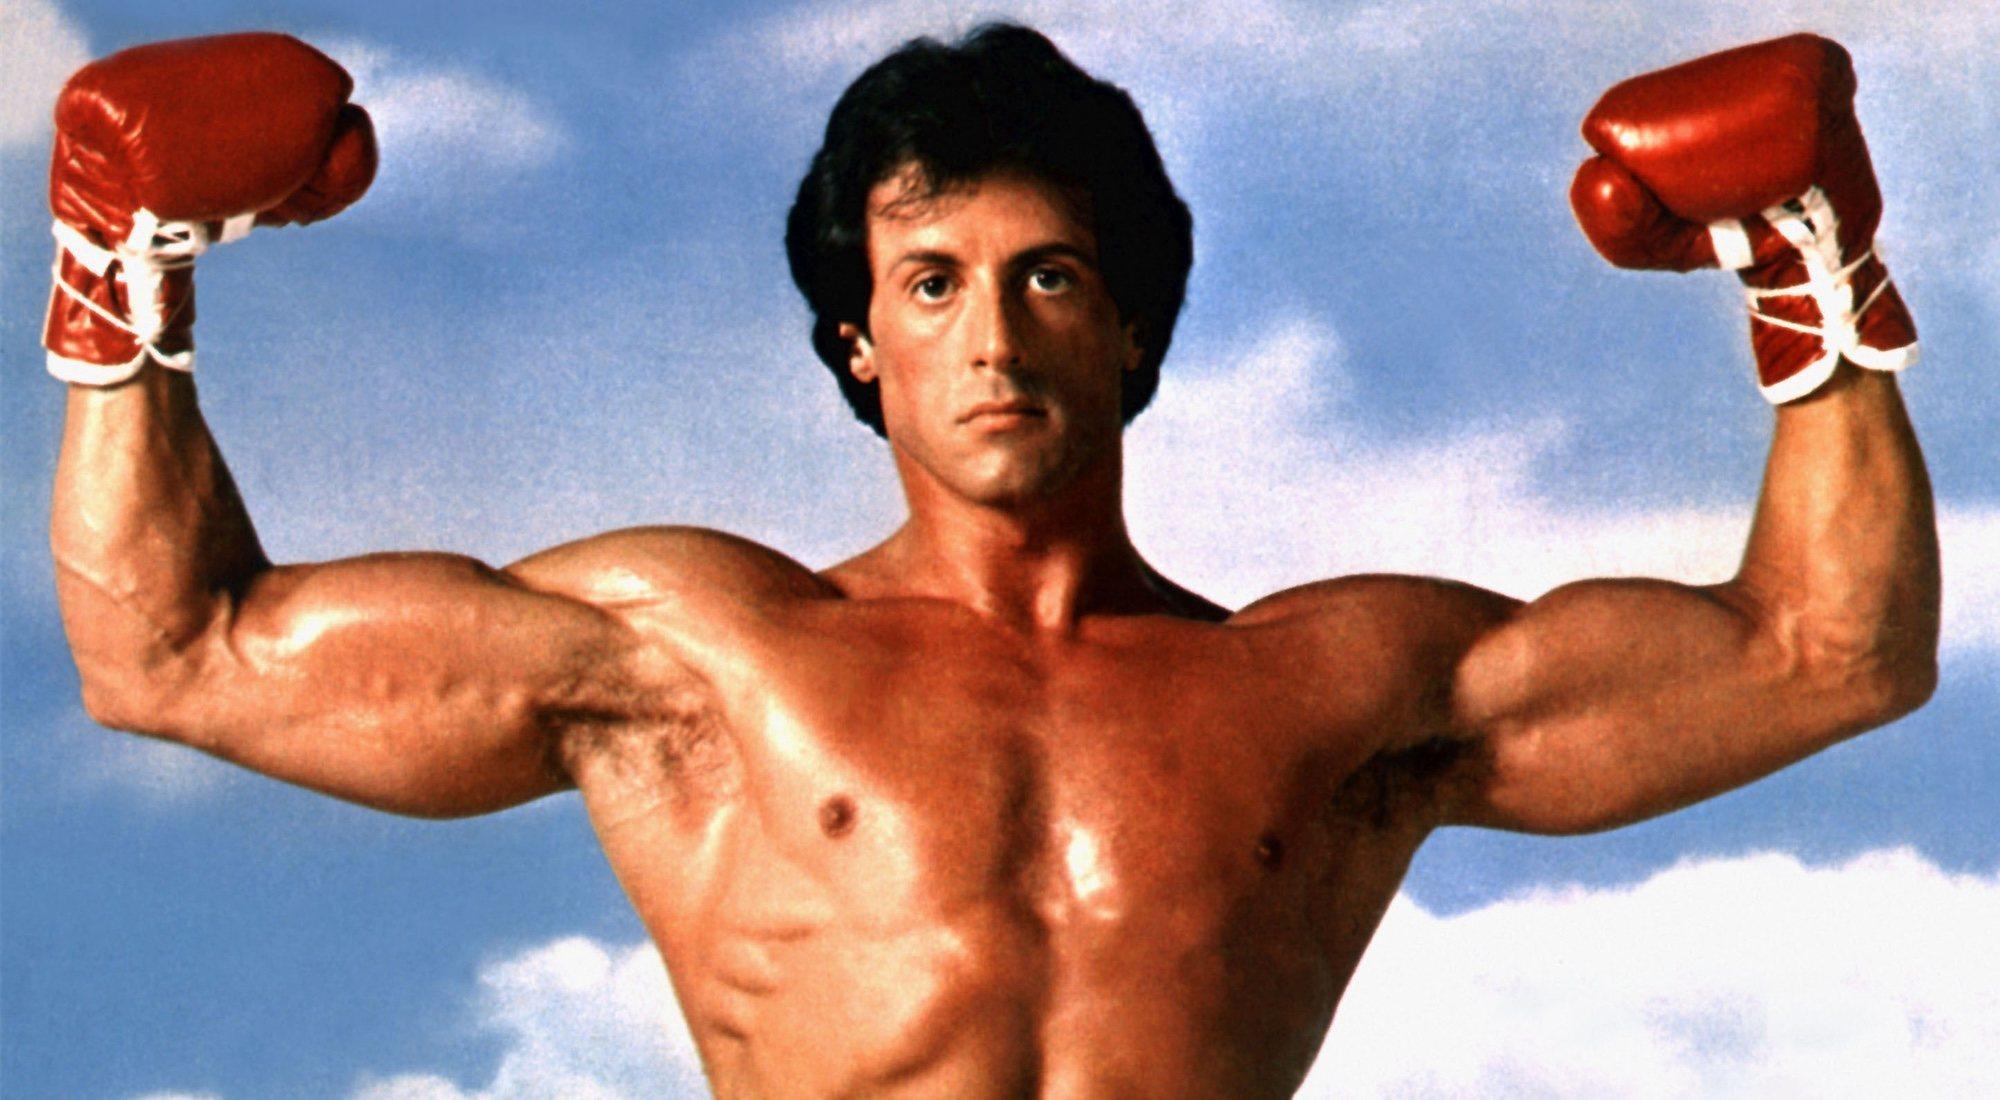 'Rocky VII' entra al ring: los 5 mejores momentos de la saga 'Rocky'